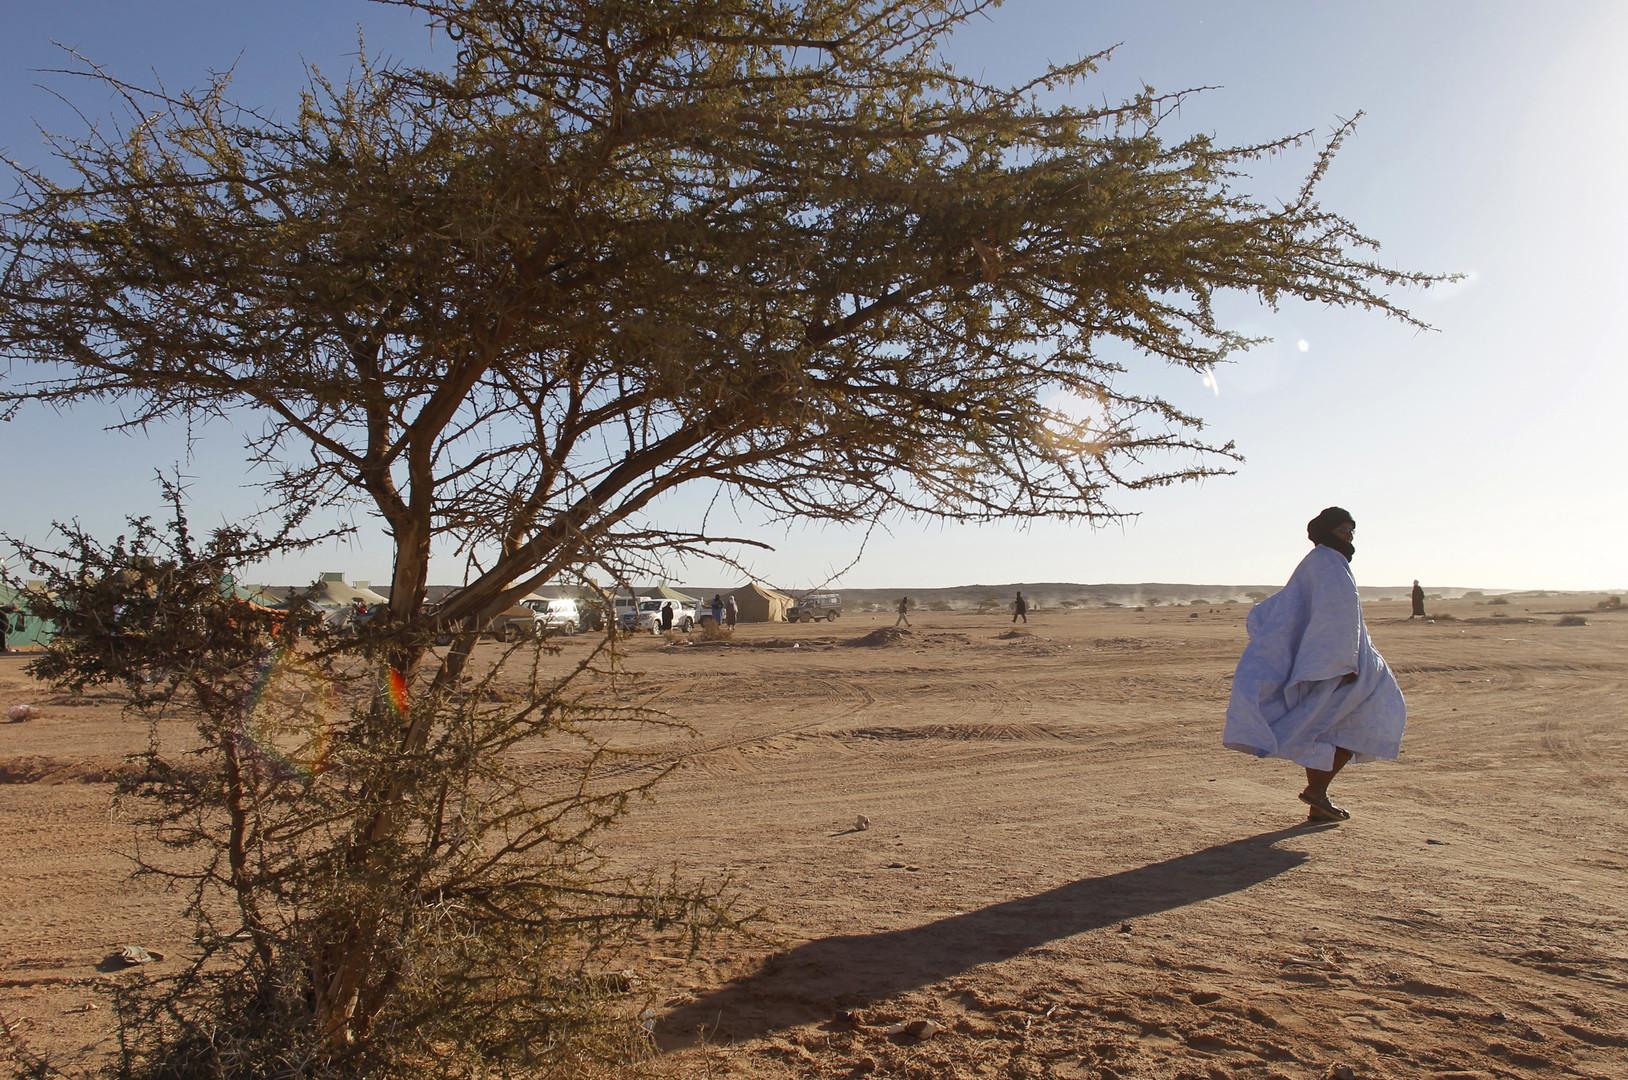 Un homme qui assiste aux commémorations au Sahara occidental